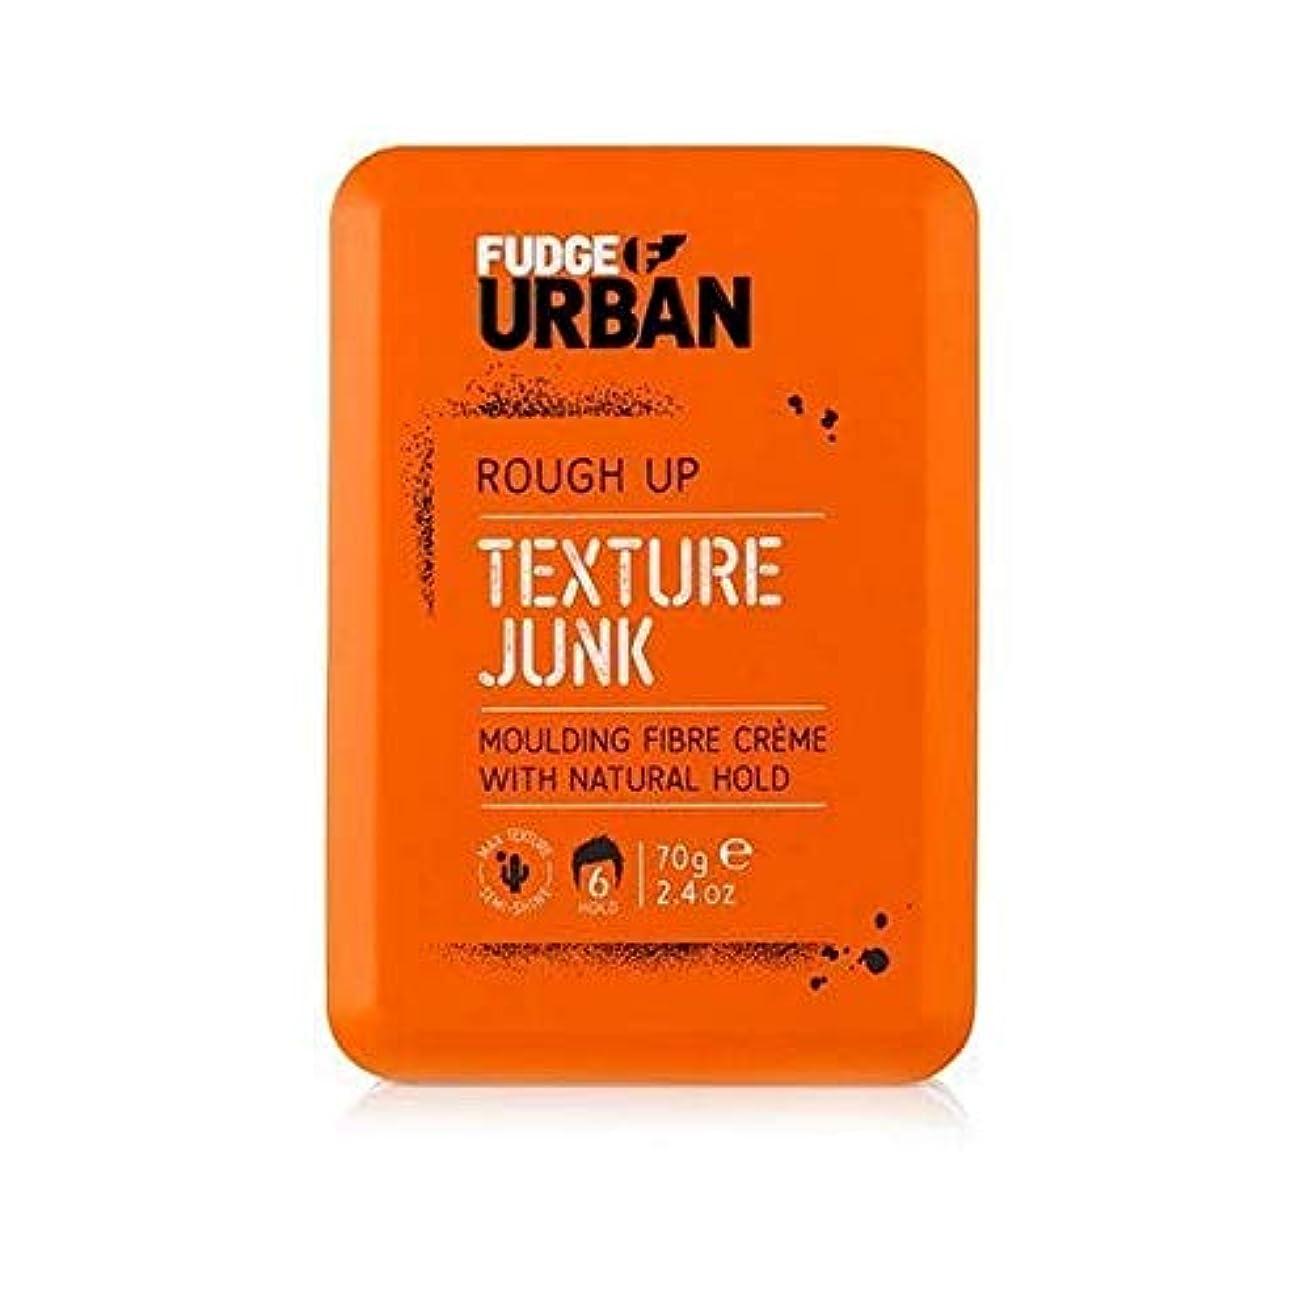 成熟パターンスペクトラム[Fudge Urban] ファッジ都市テクスチャジャンク75ミリリットル - Fudge Urban Texture Junk 75ml [並行輸入品]